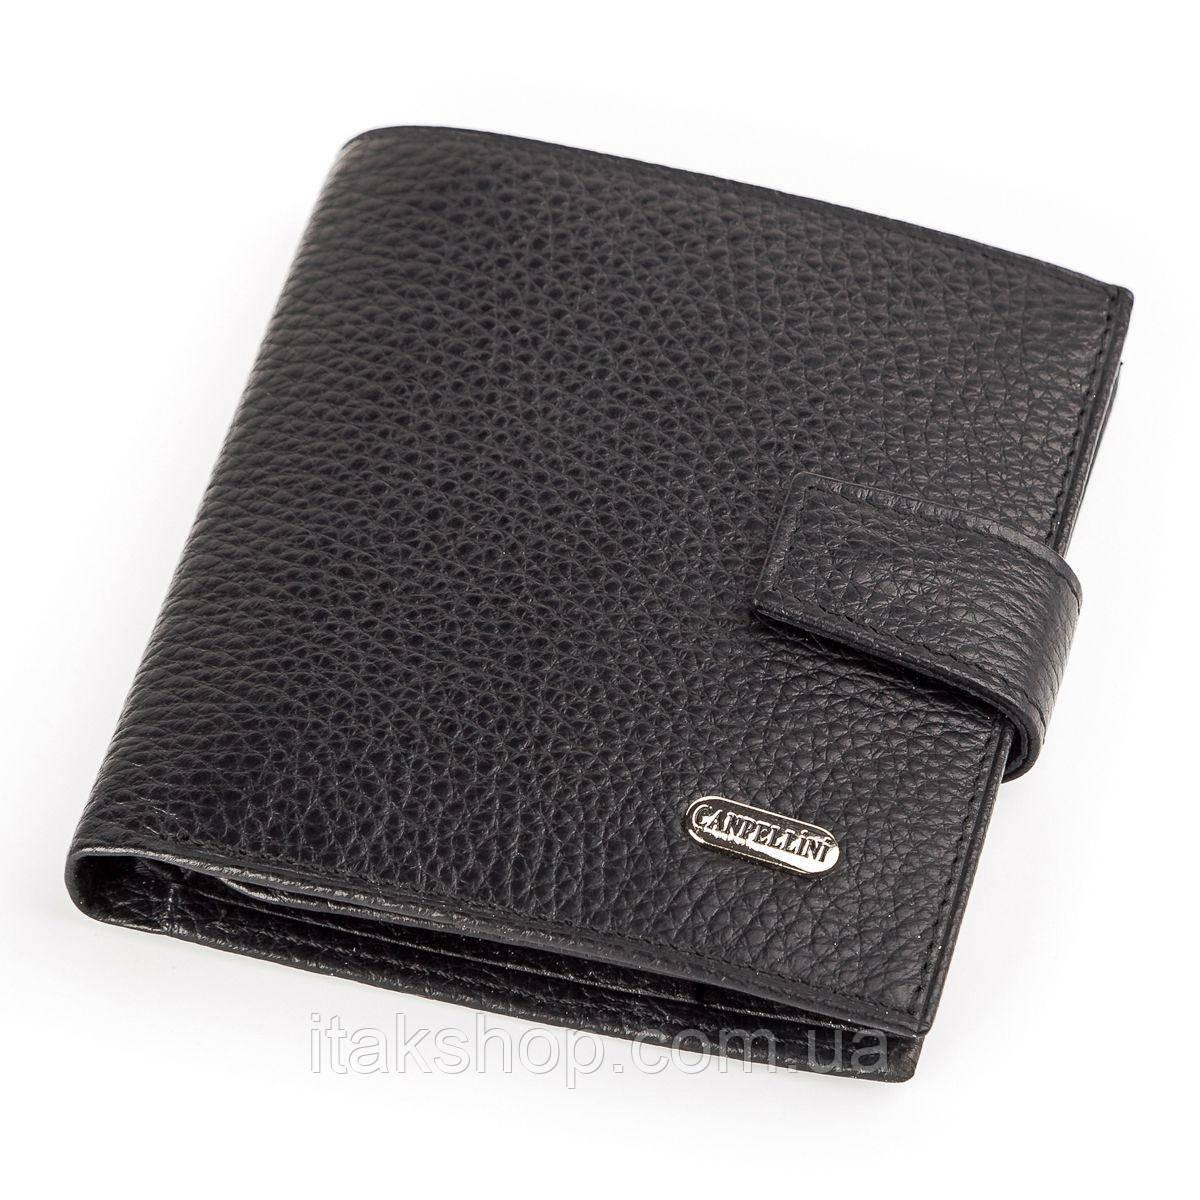 Кожаное портмоне CANPELLINI 17029 Черное, Черный